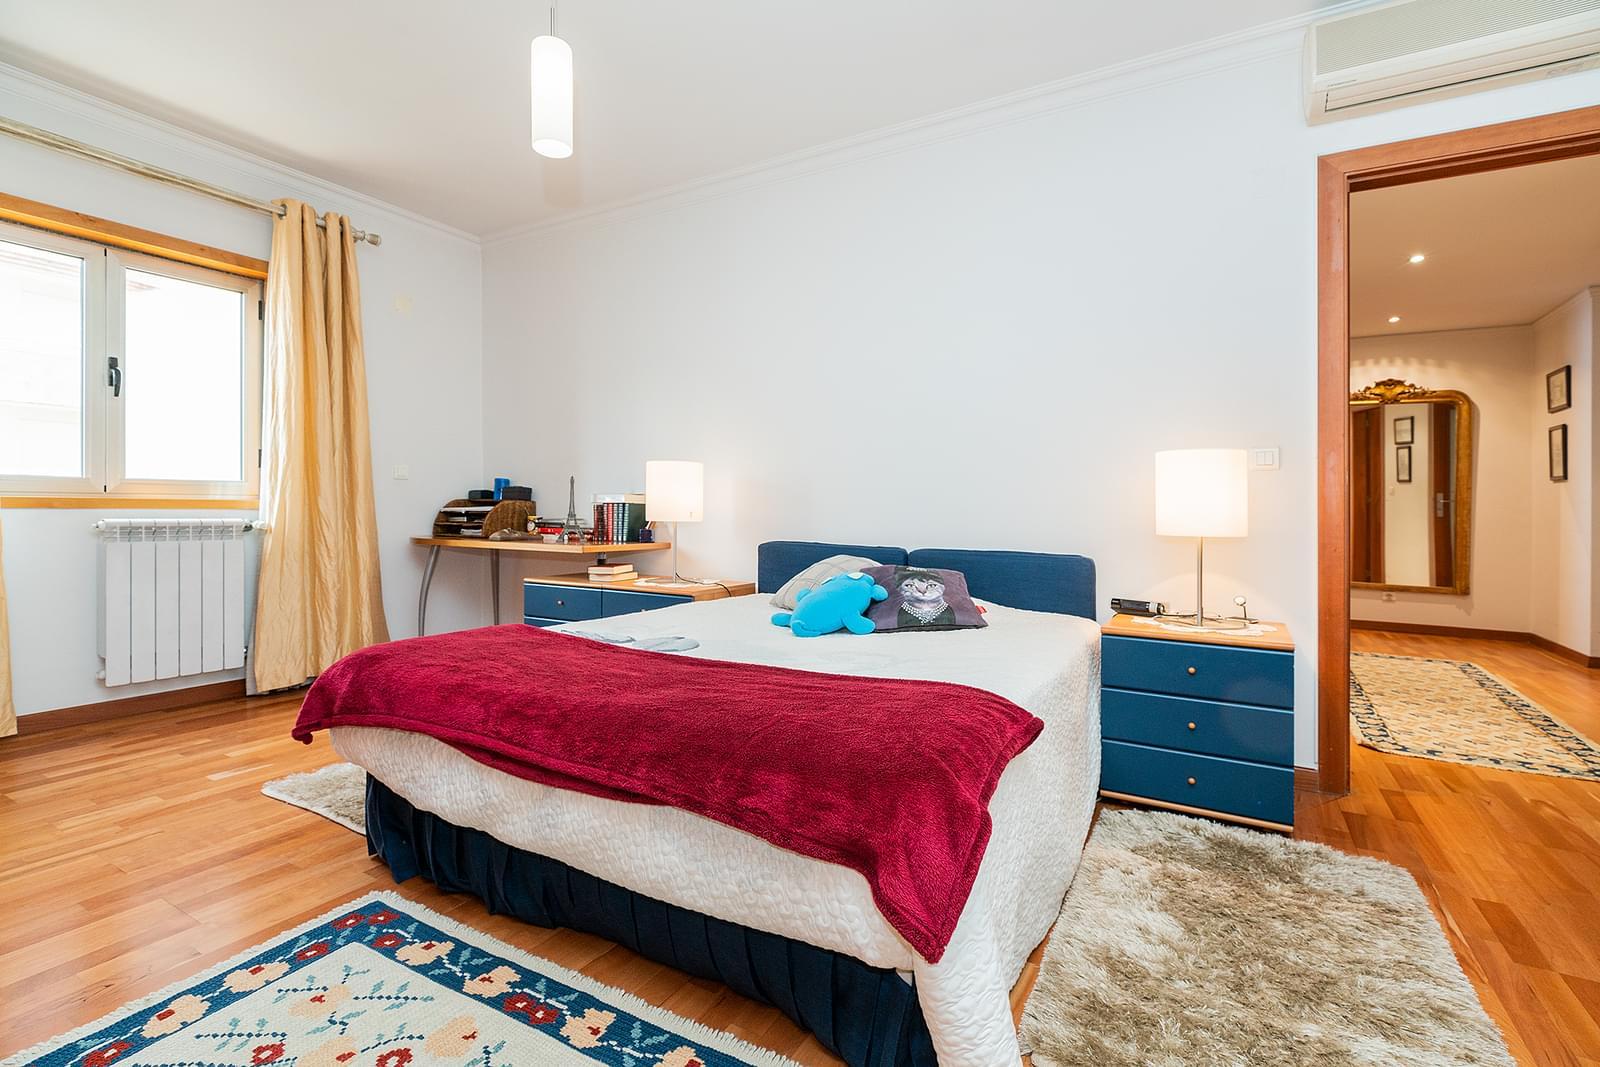 pf18049-apartamento-t3-lisboa-2e532c72-4608-44d3-82ad-10d9170682f2